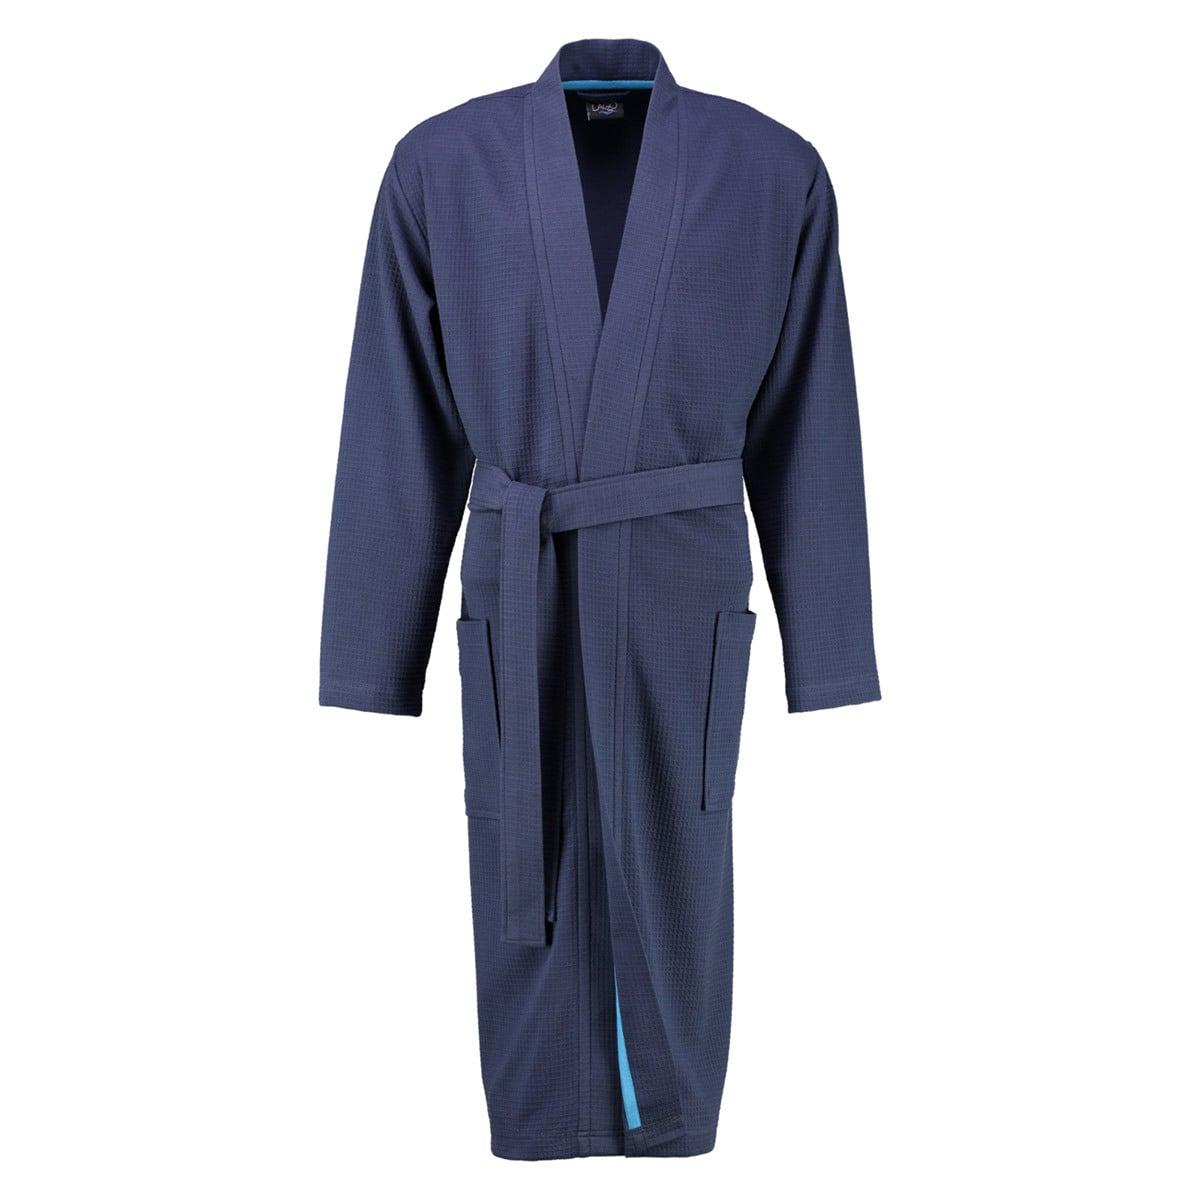 Cawö Herren Waffelpiqué Kimono extraleicht 816 marine